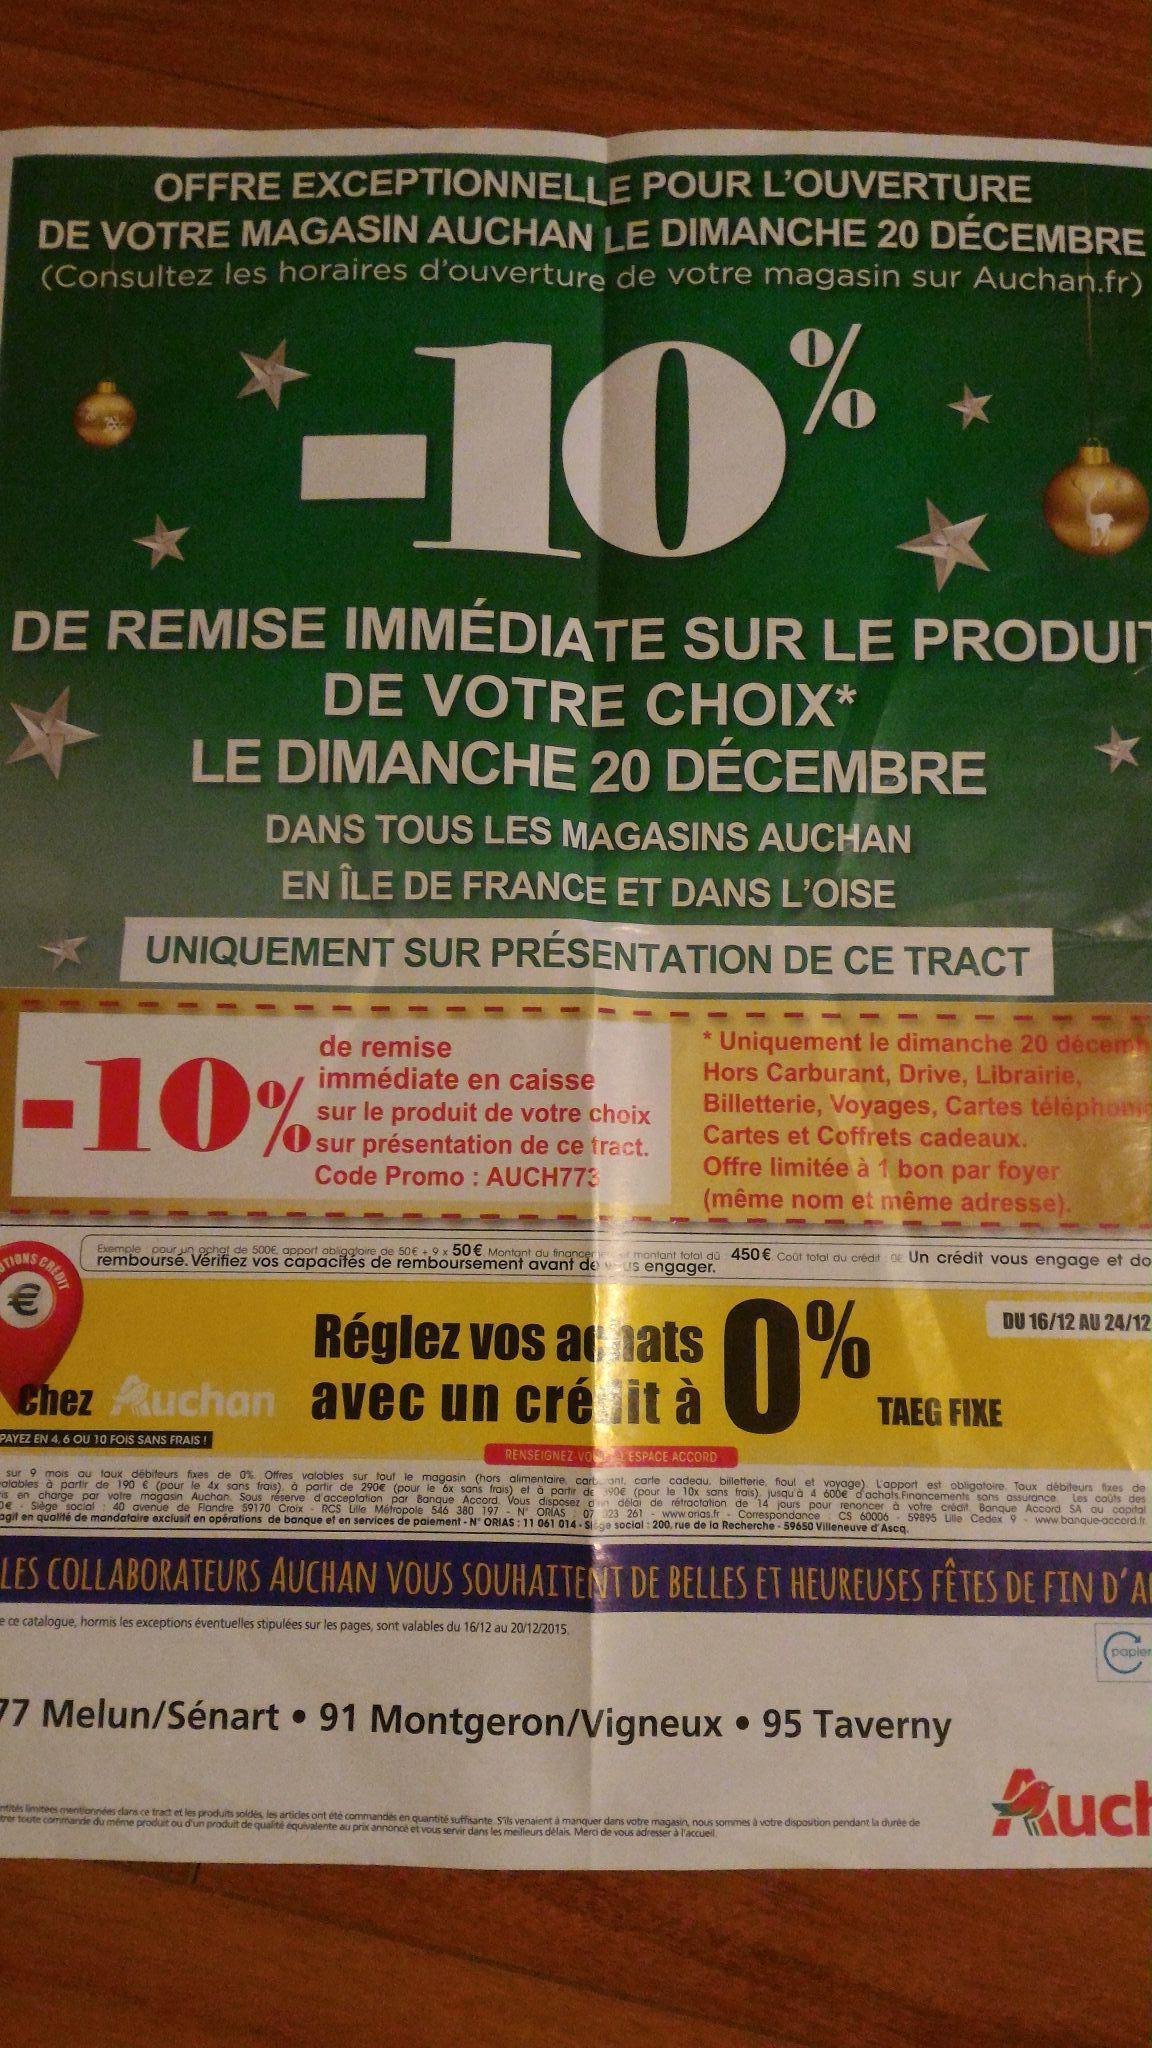 10% de réduction sur le produit de votre choix